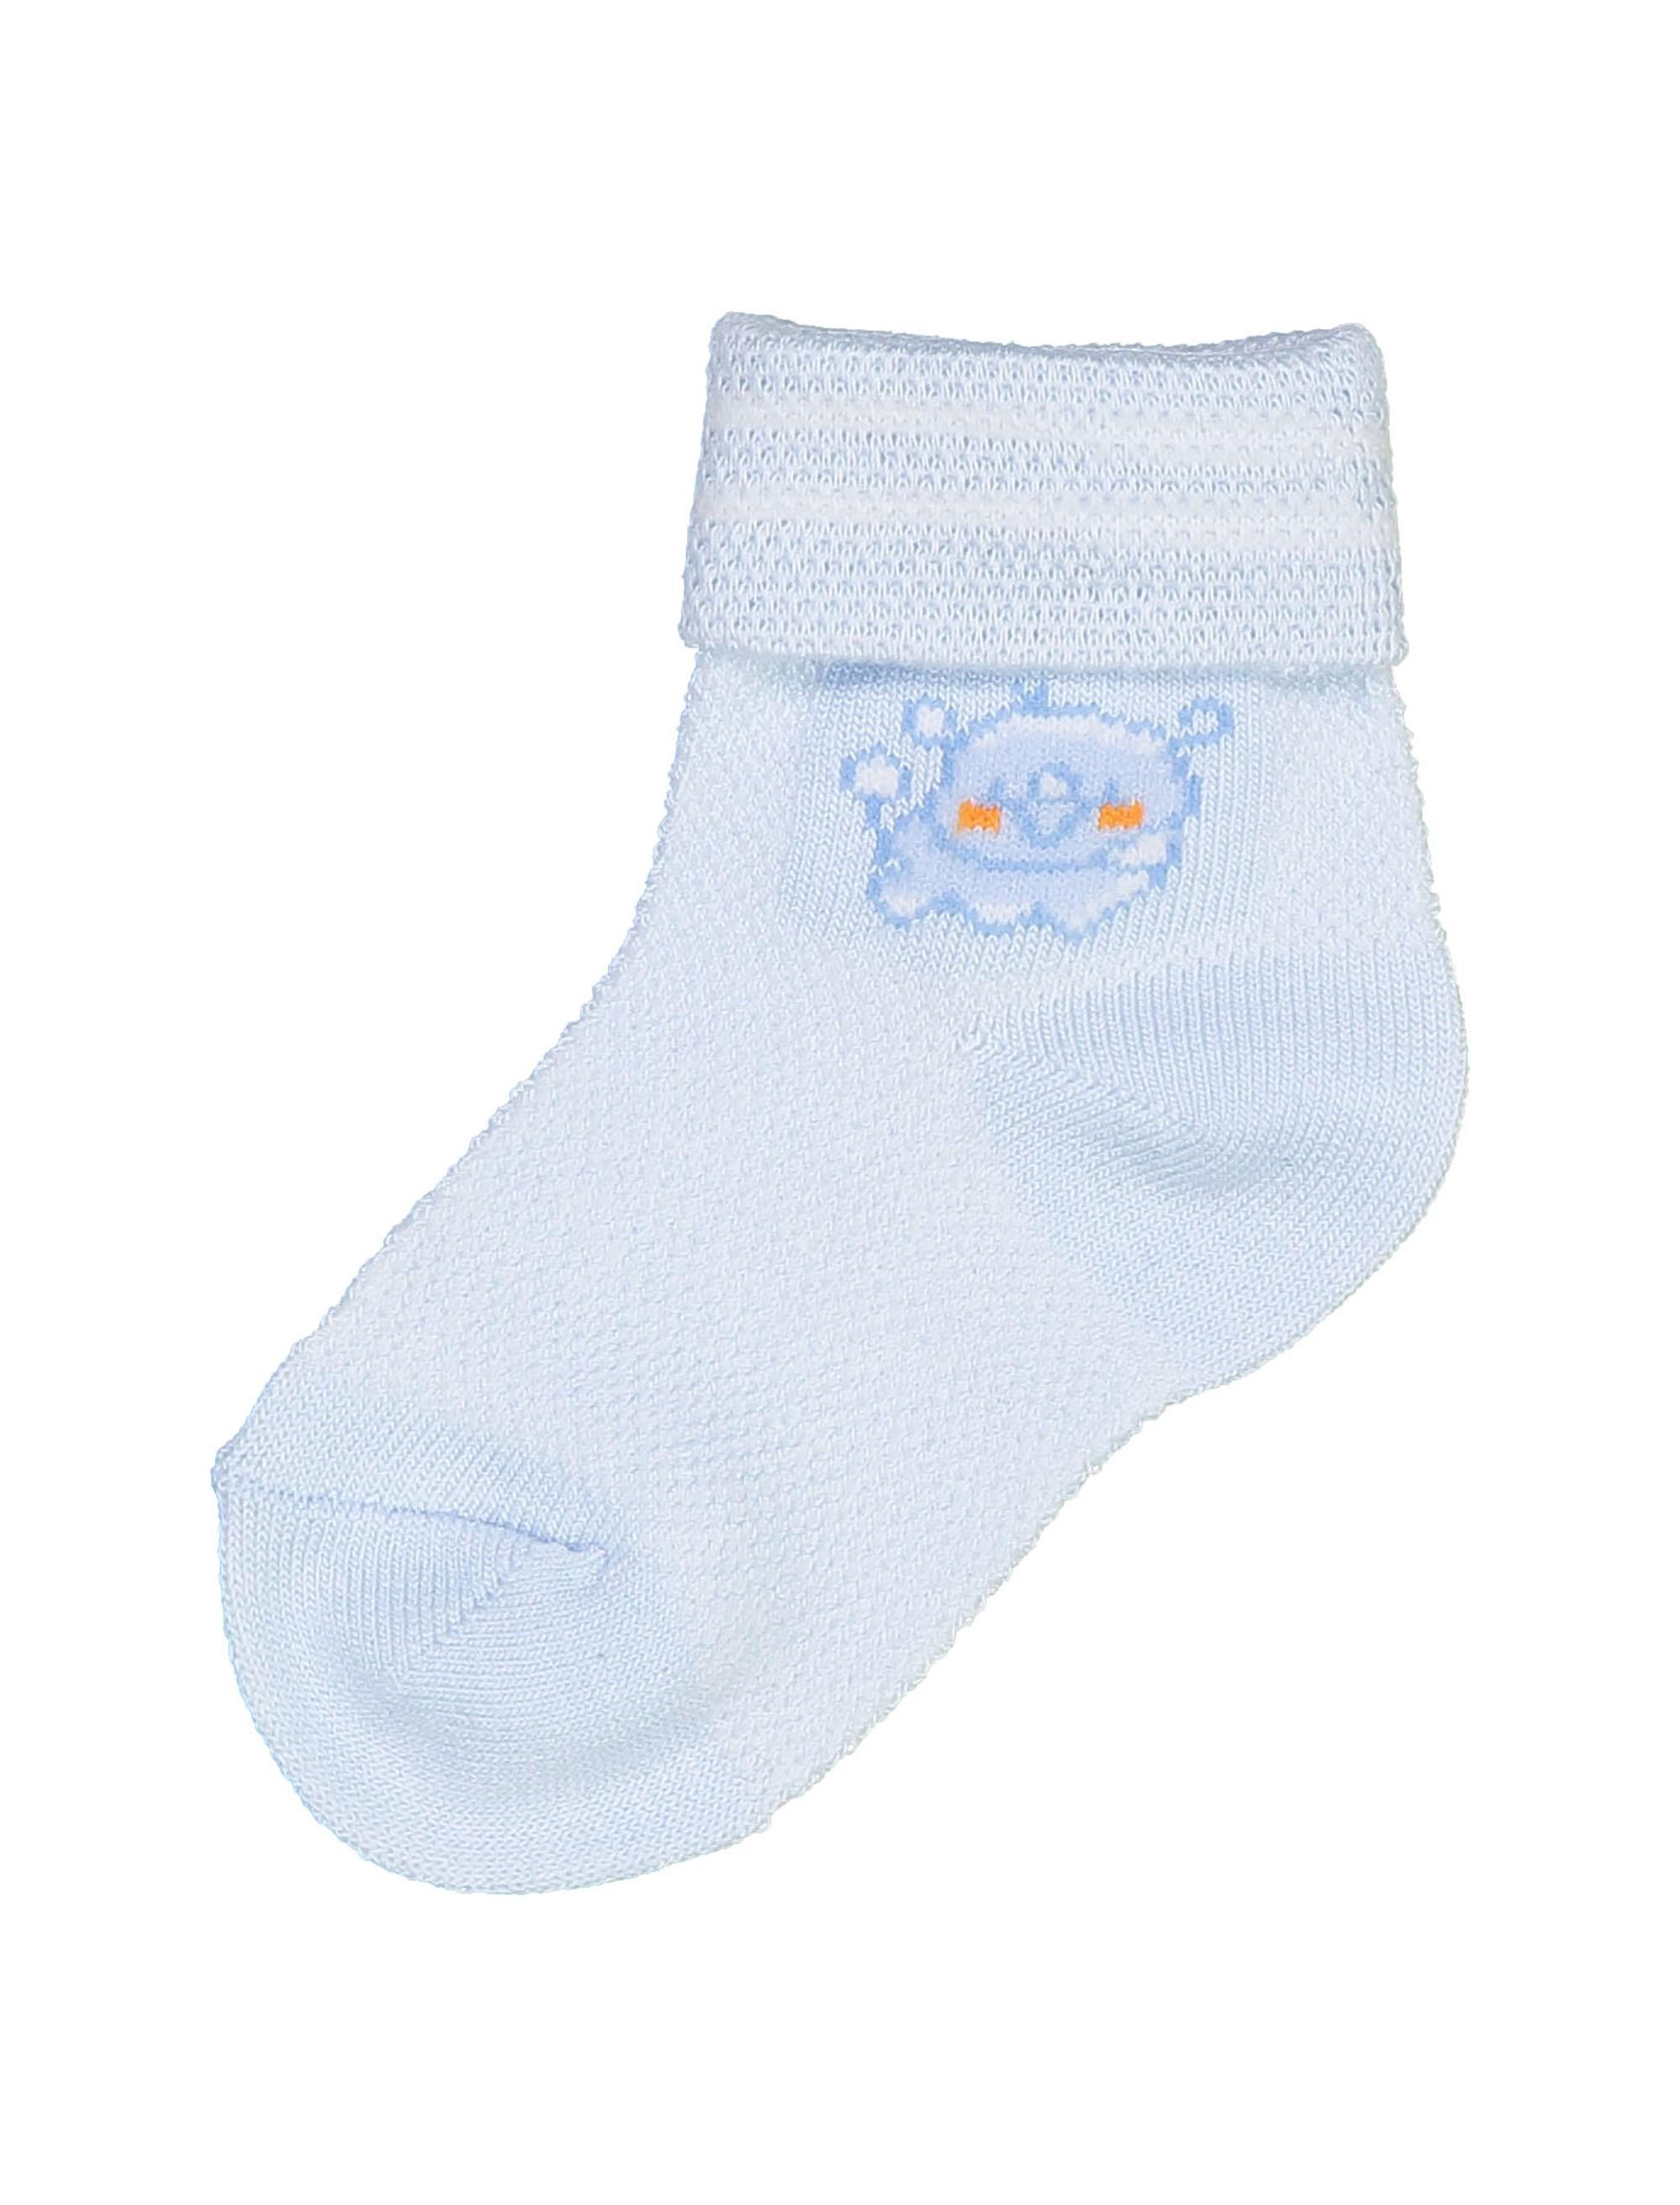 جوراب نخی ساده نوزادی بسته 2 عددی - بلوکیدز - آبي و سفيد - 4